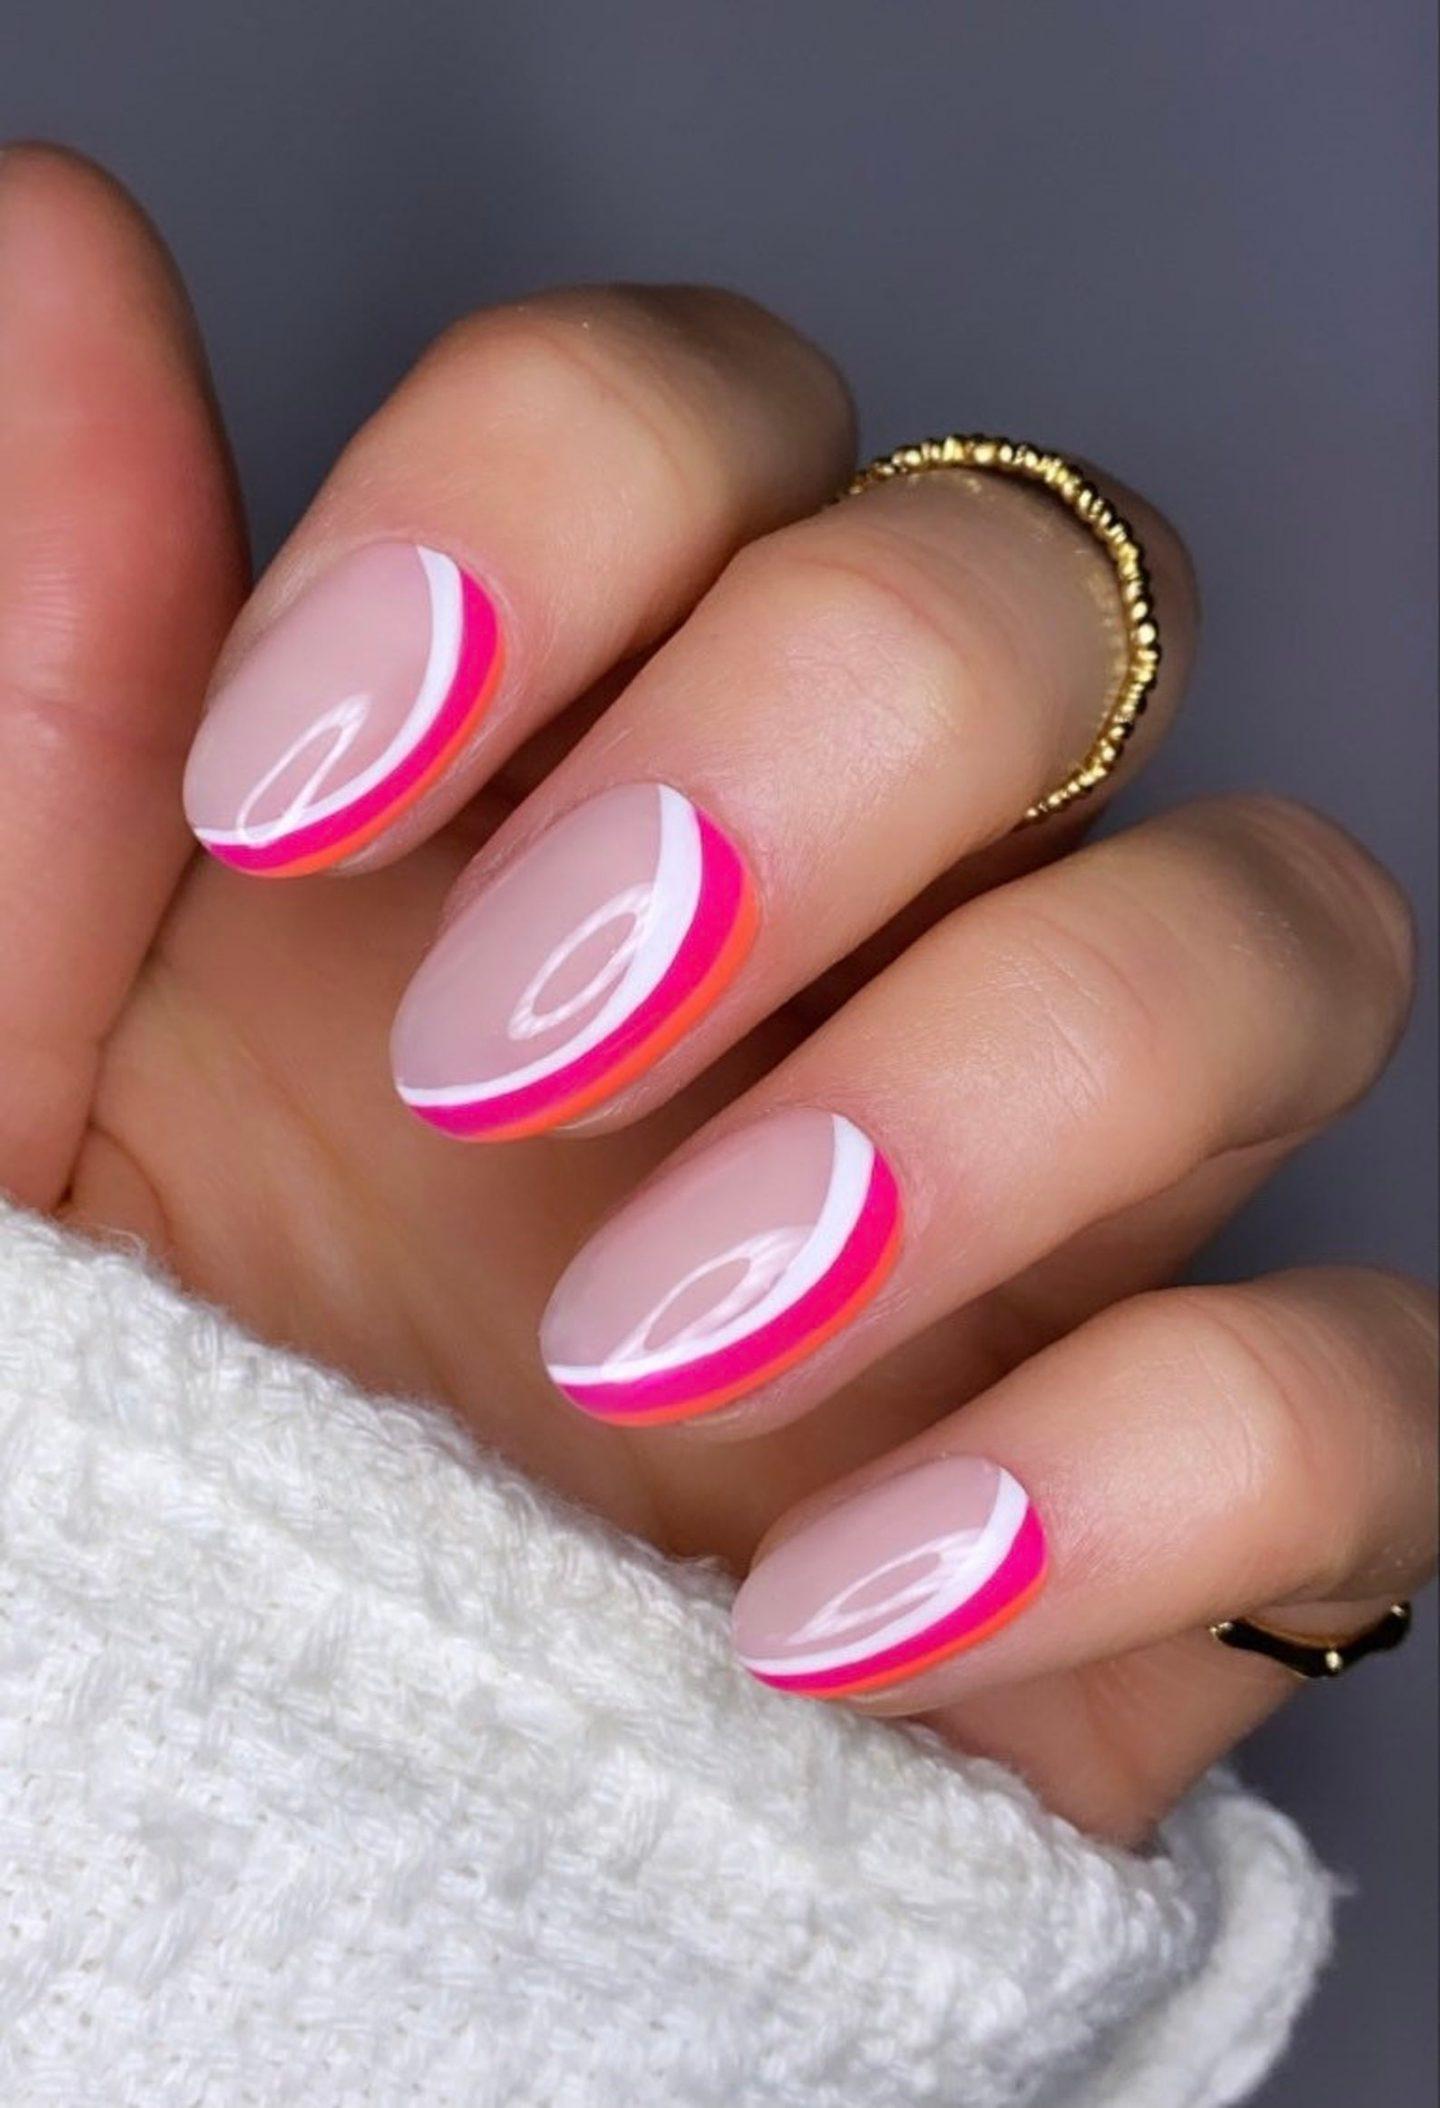 Short neon pink abstract nails